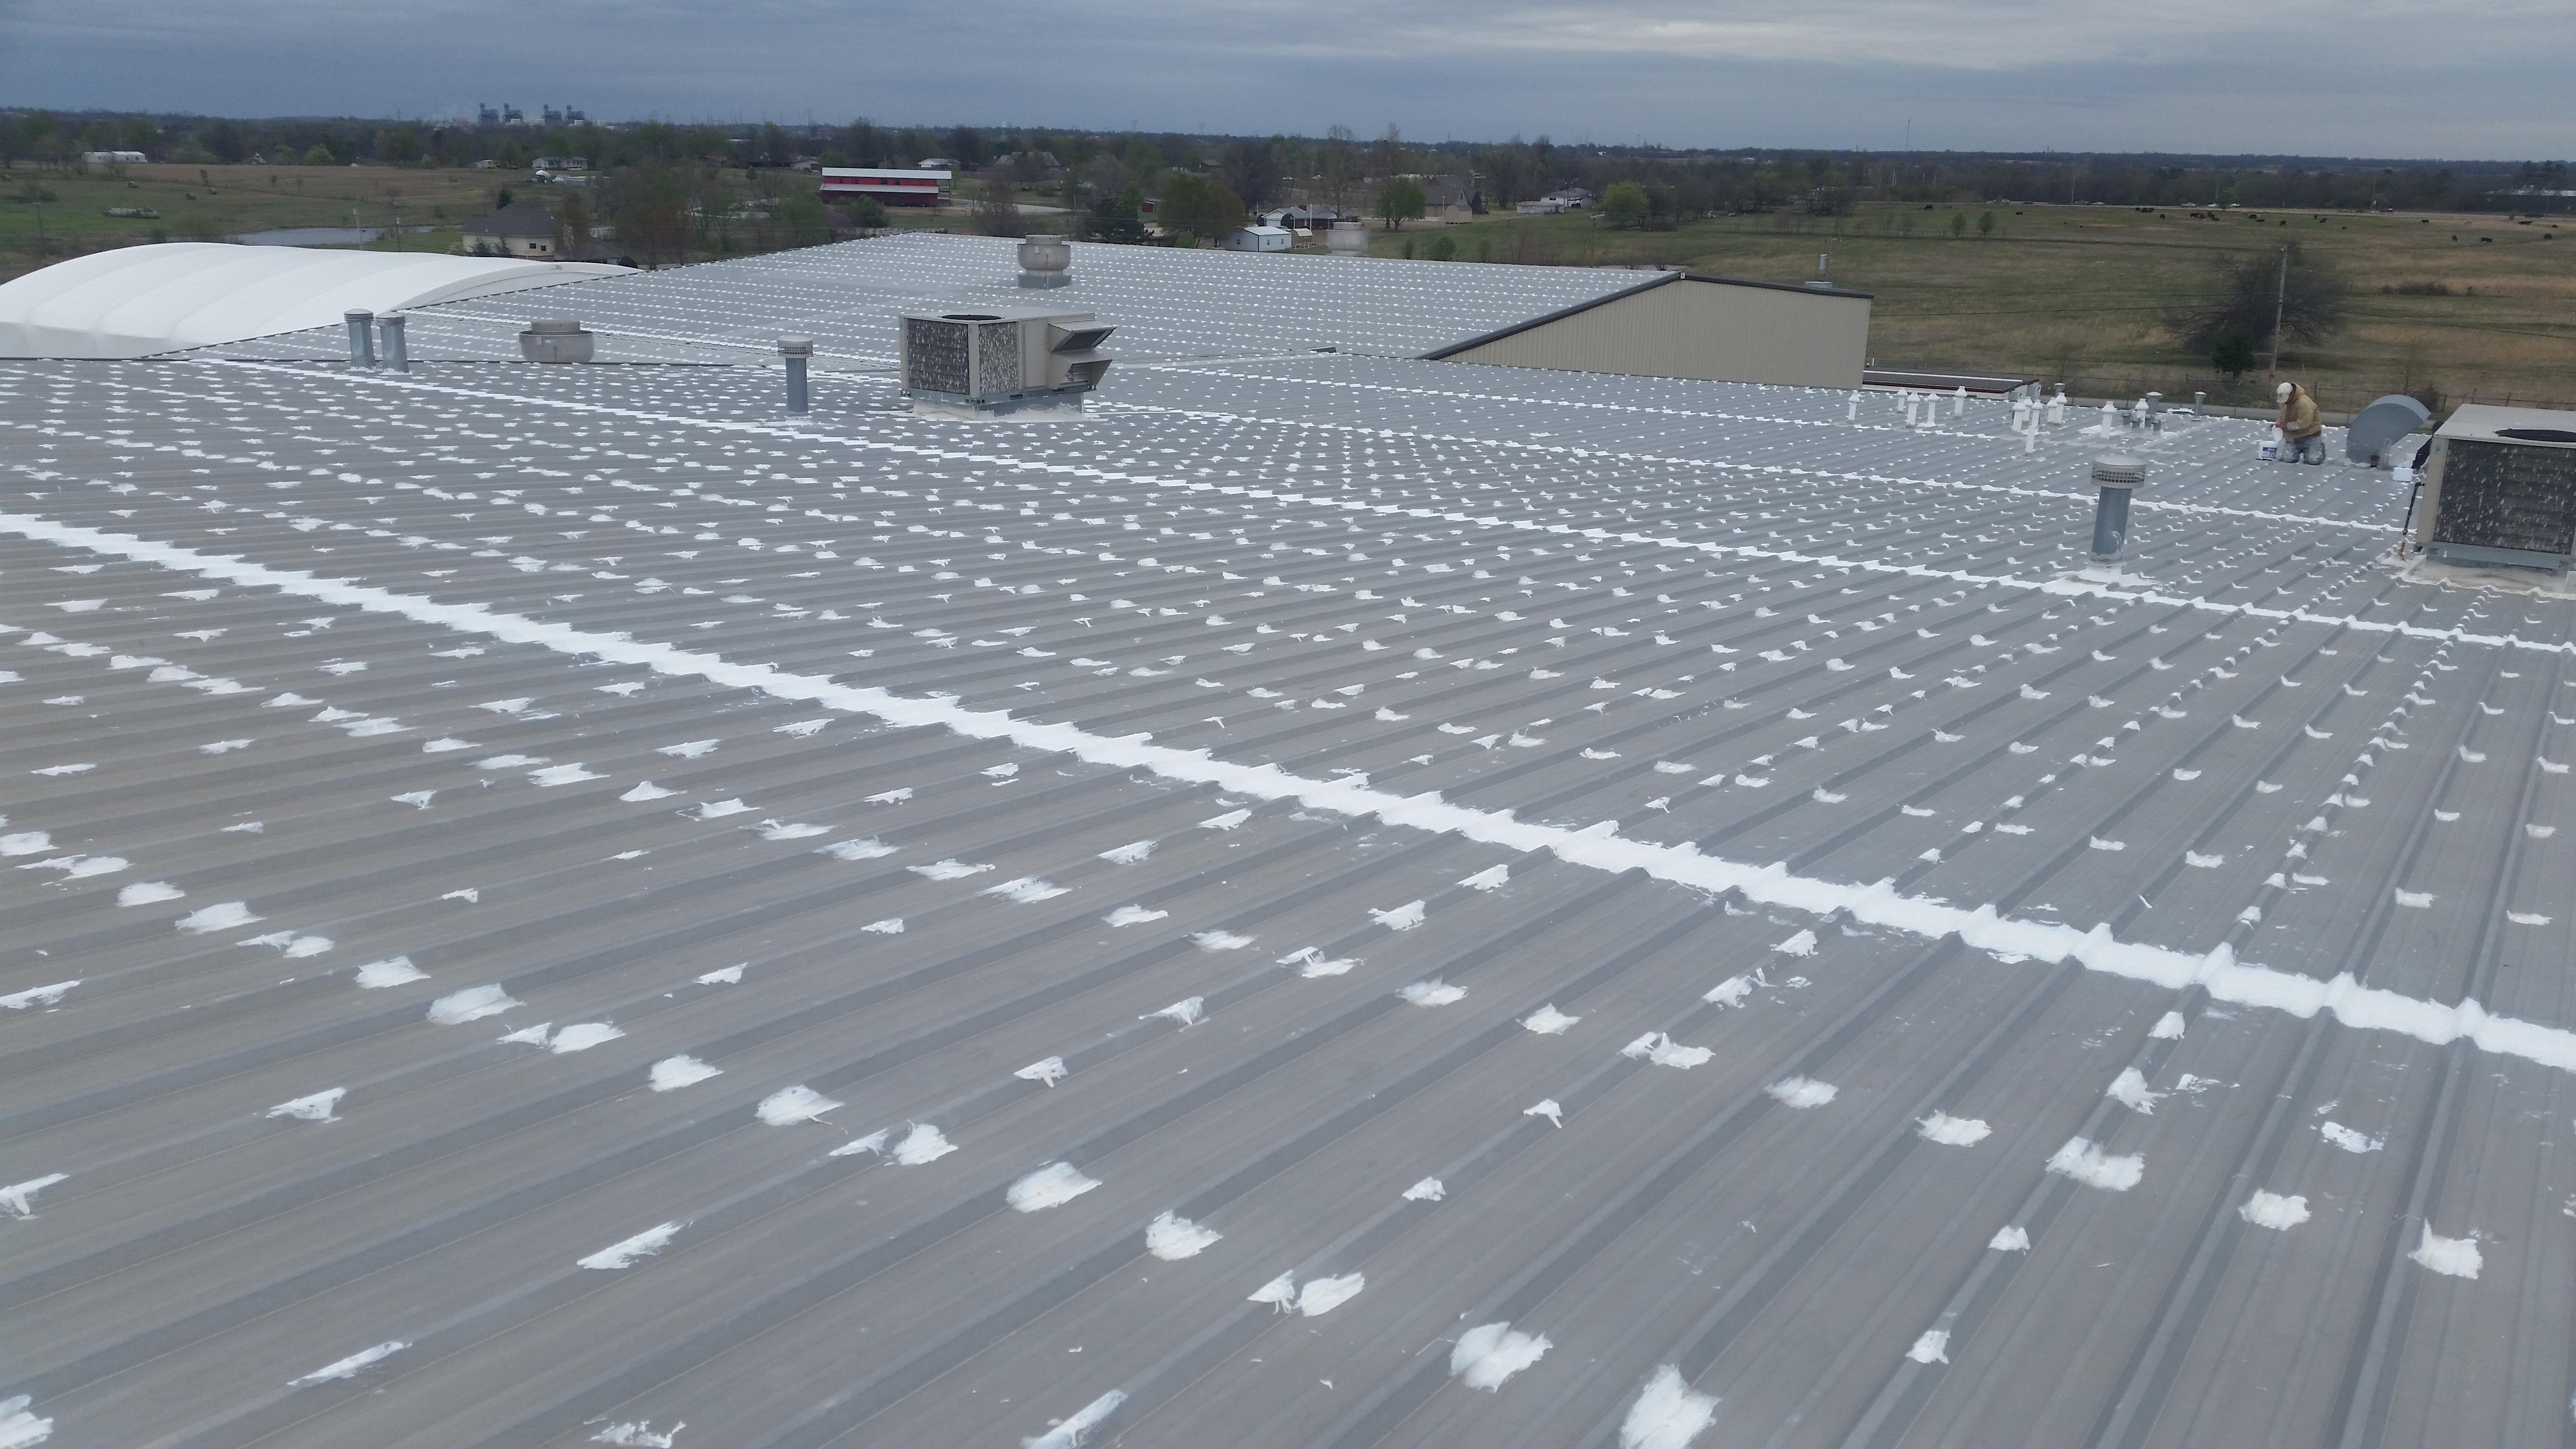 Flat roof repair Tulsa Oklahoma